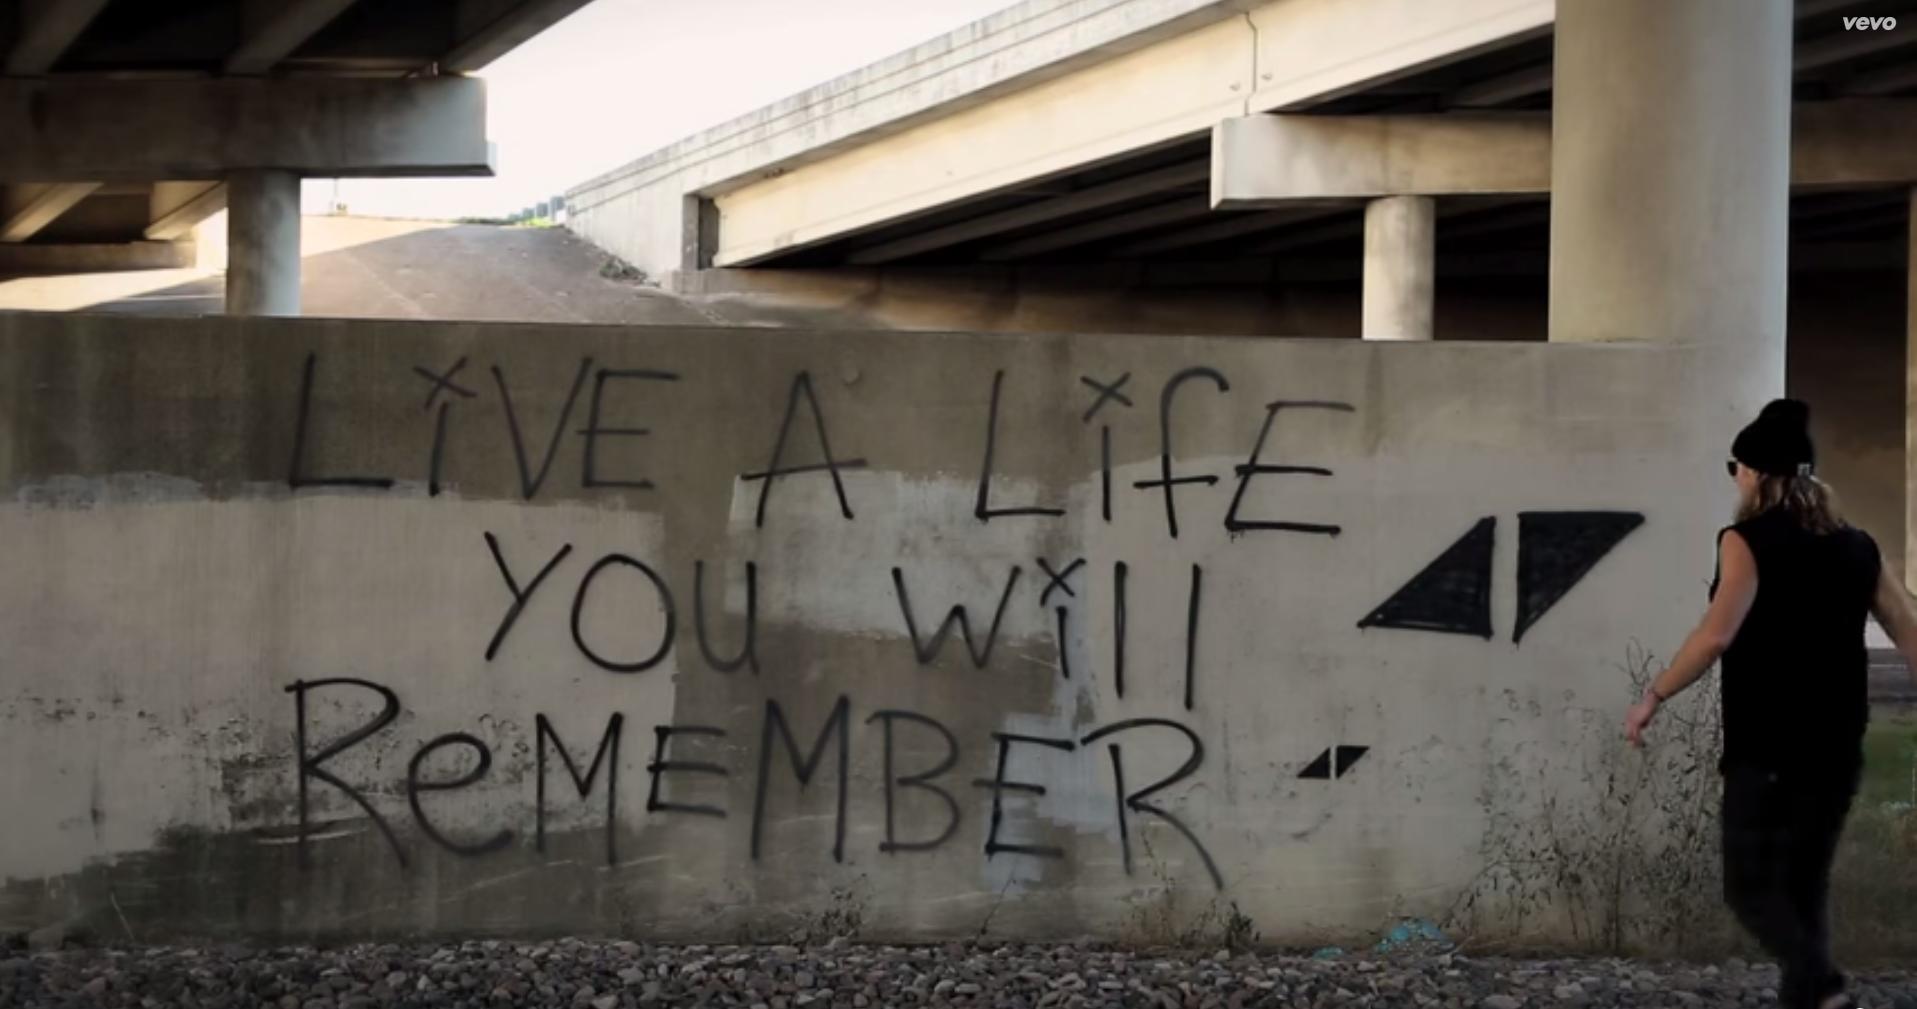 «Vive una vida que recordarás», dice Avicii en su tema The Nights. Una frase que puede leerse sobre un muro en el videoclip y que tras su fallecimiento están popularizando sus fans en las redes sociales